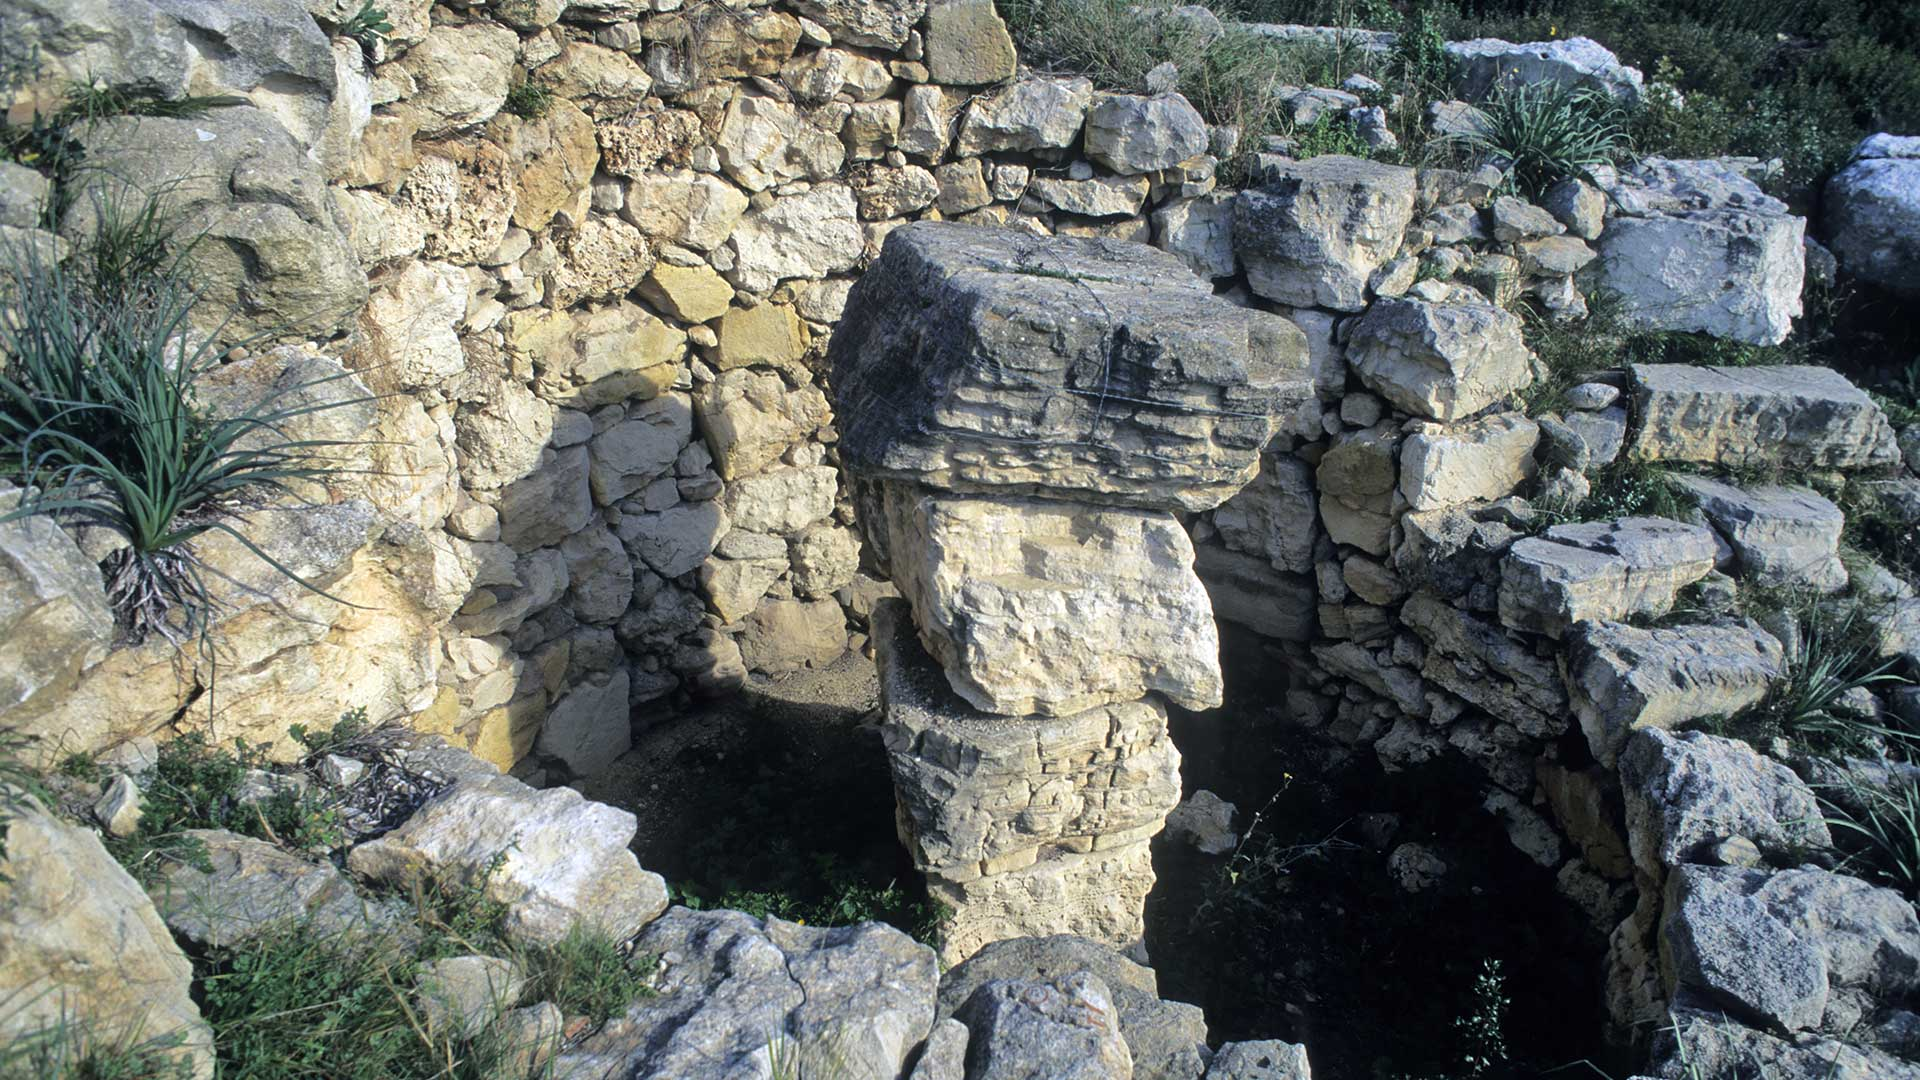 Jaciment arqueològic Son Fornés